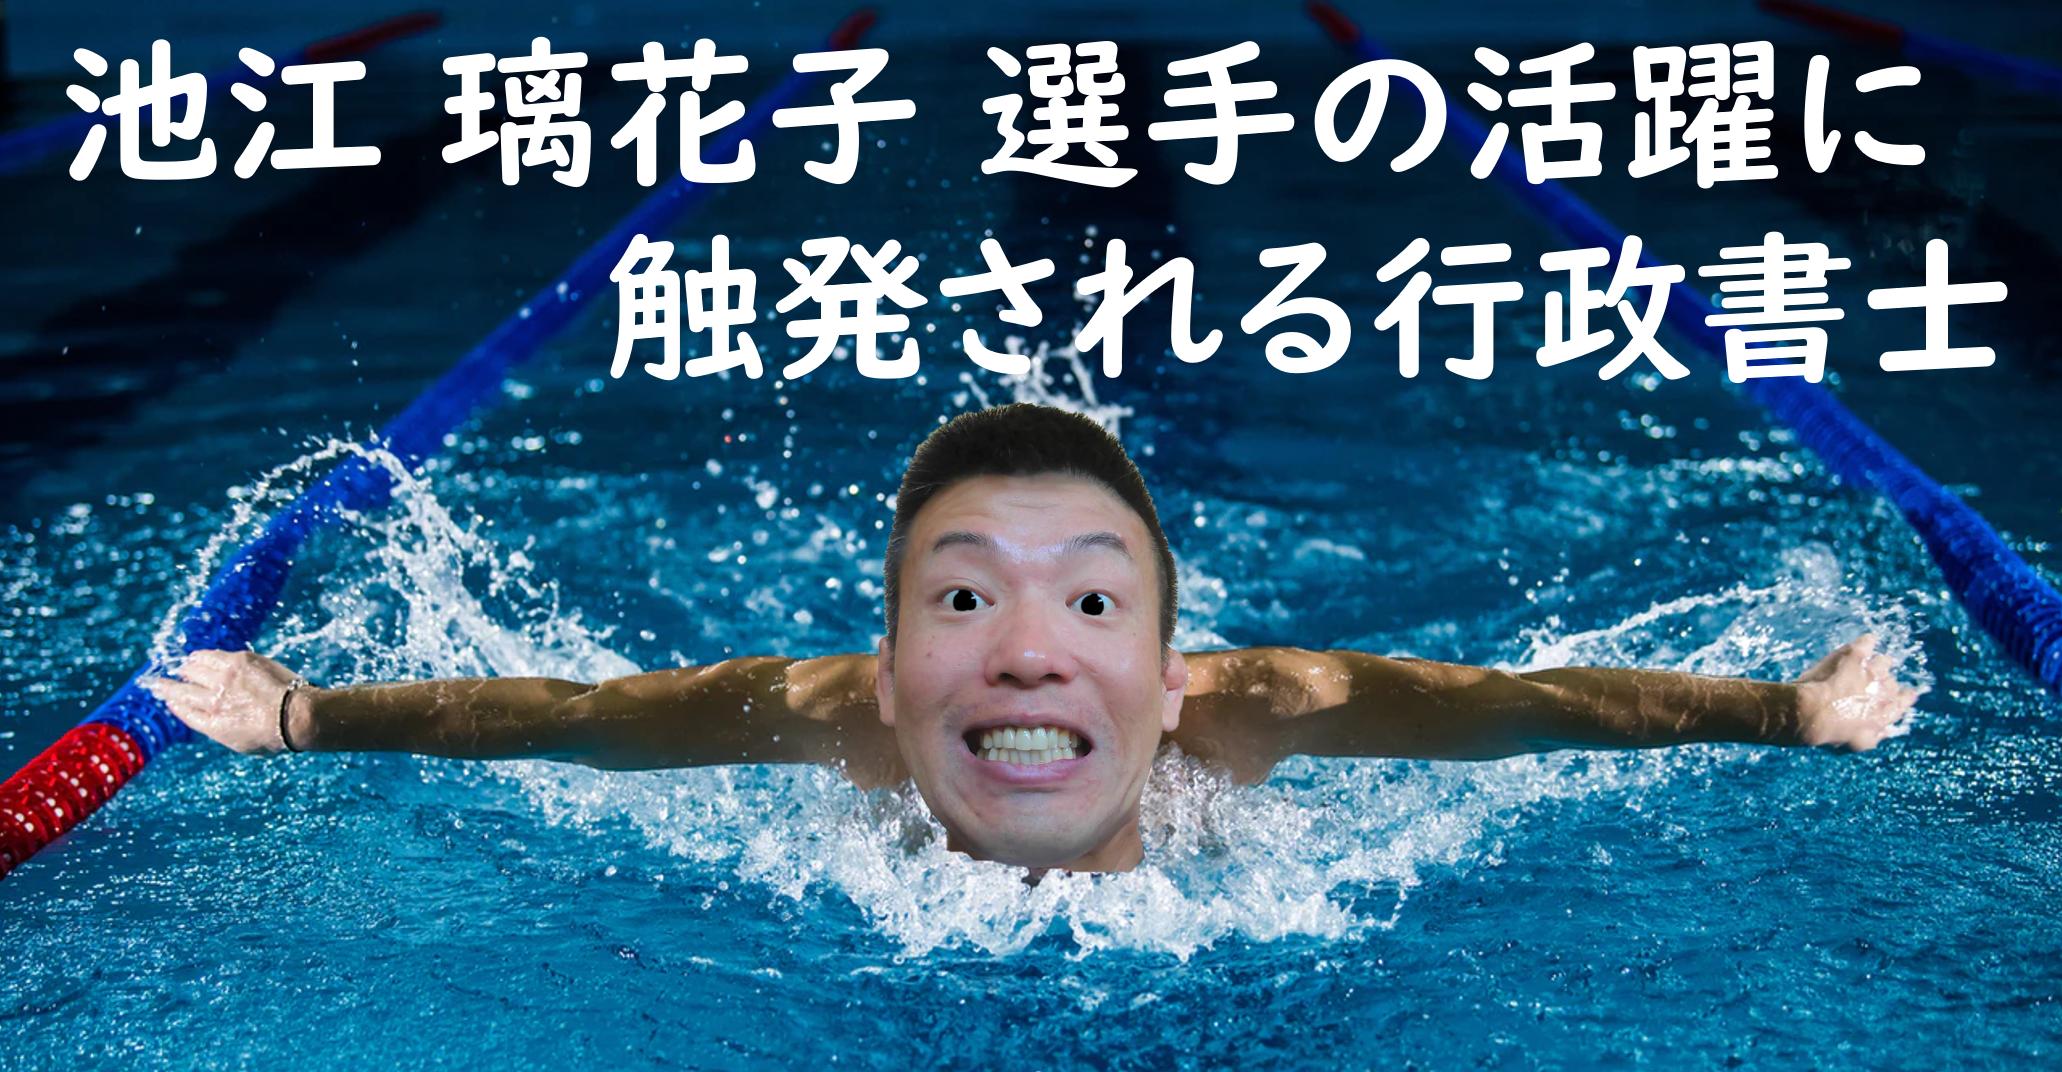 池江璃花子選手 21歳の誕生日に 新記録